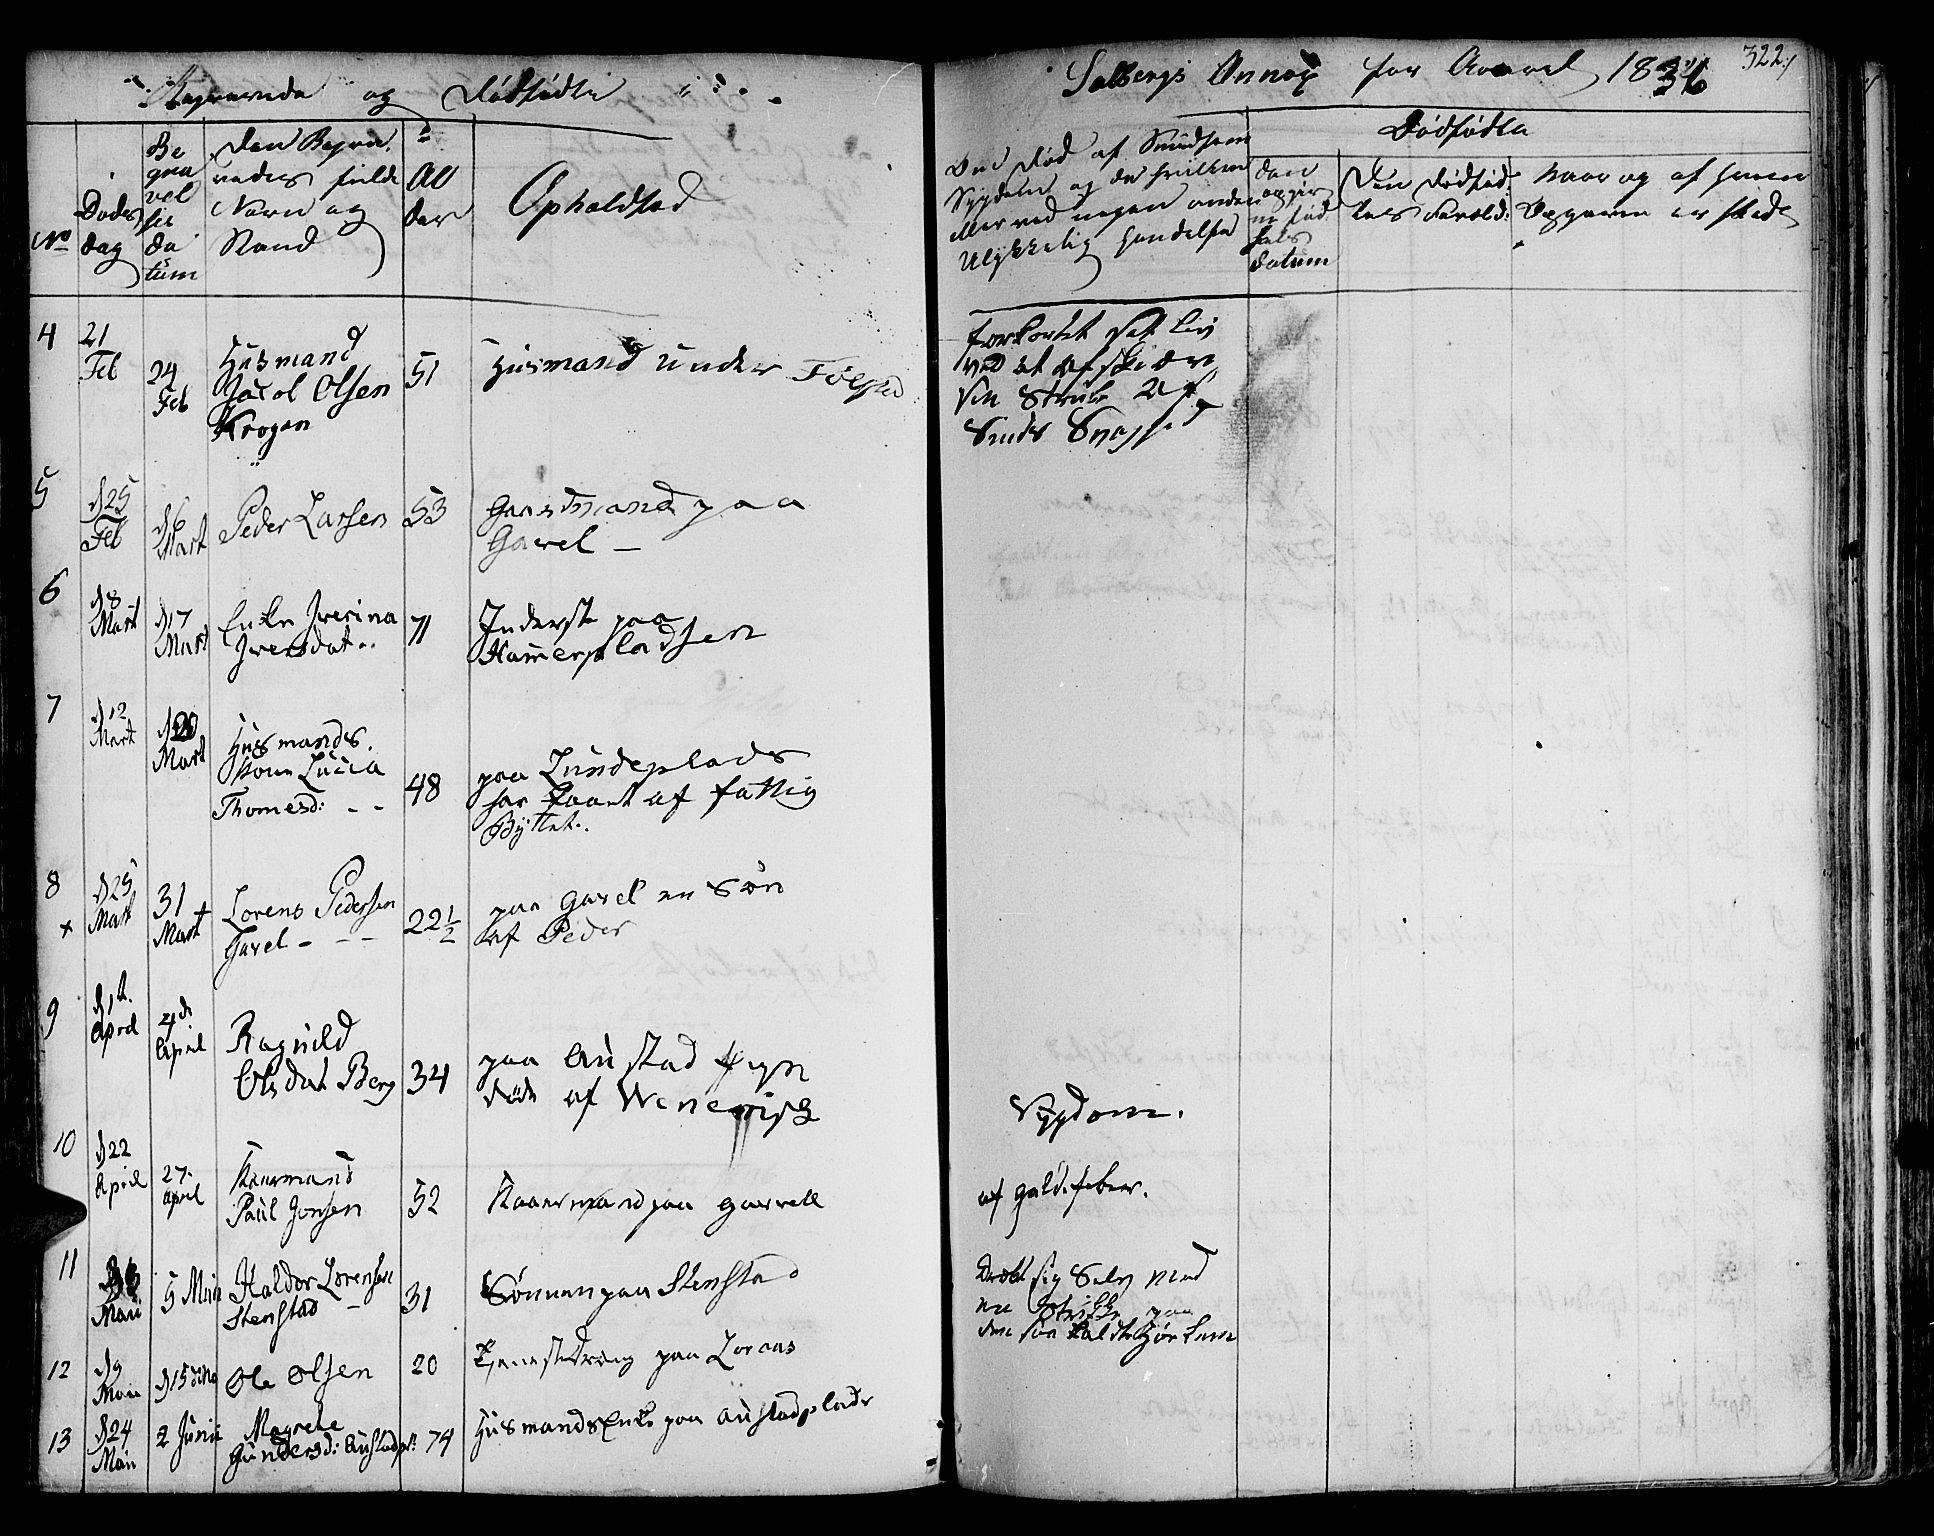 SAT, Ministerialprotokoller, klokkerbøker og fødselsregistre - Nord-Trøndelag, 730/L0277: Ministerialbok nr. 730A06 /2, 1831-1839, s. 322